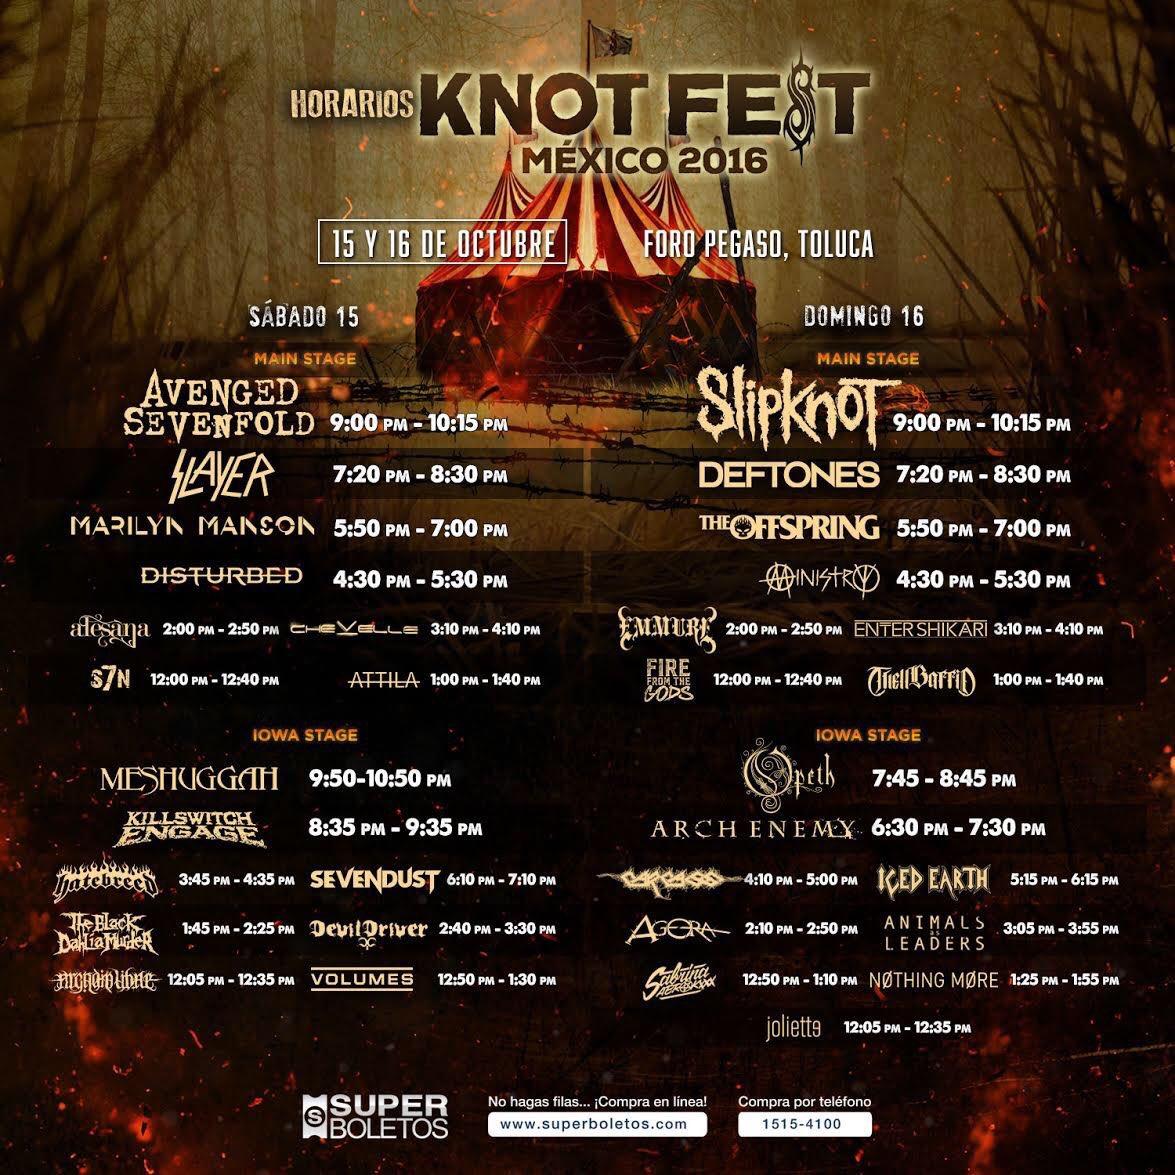 Mañana ! 12:30 del día Iowa stage Knotfest AWGQO3Y8UZ